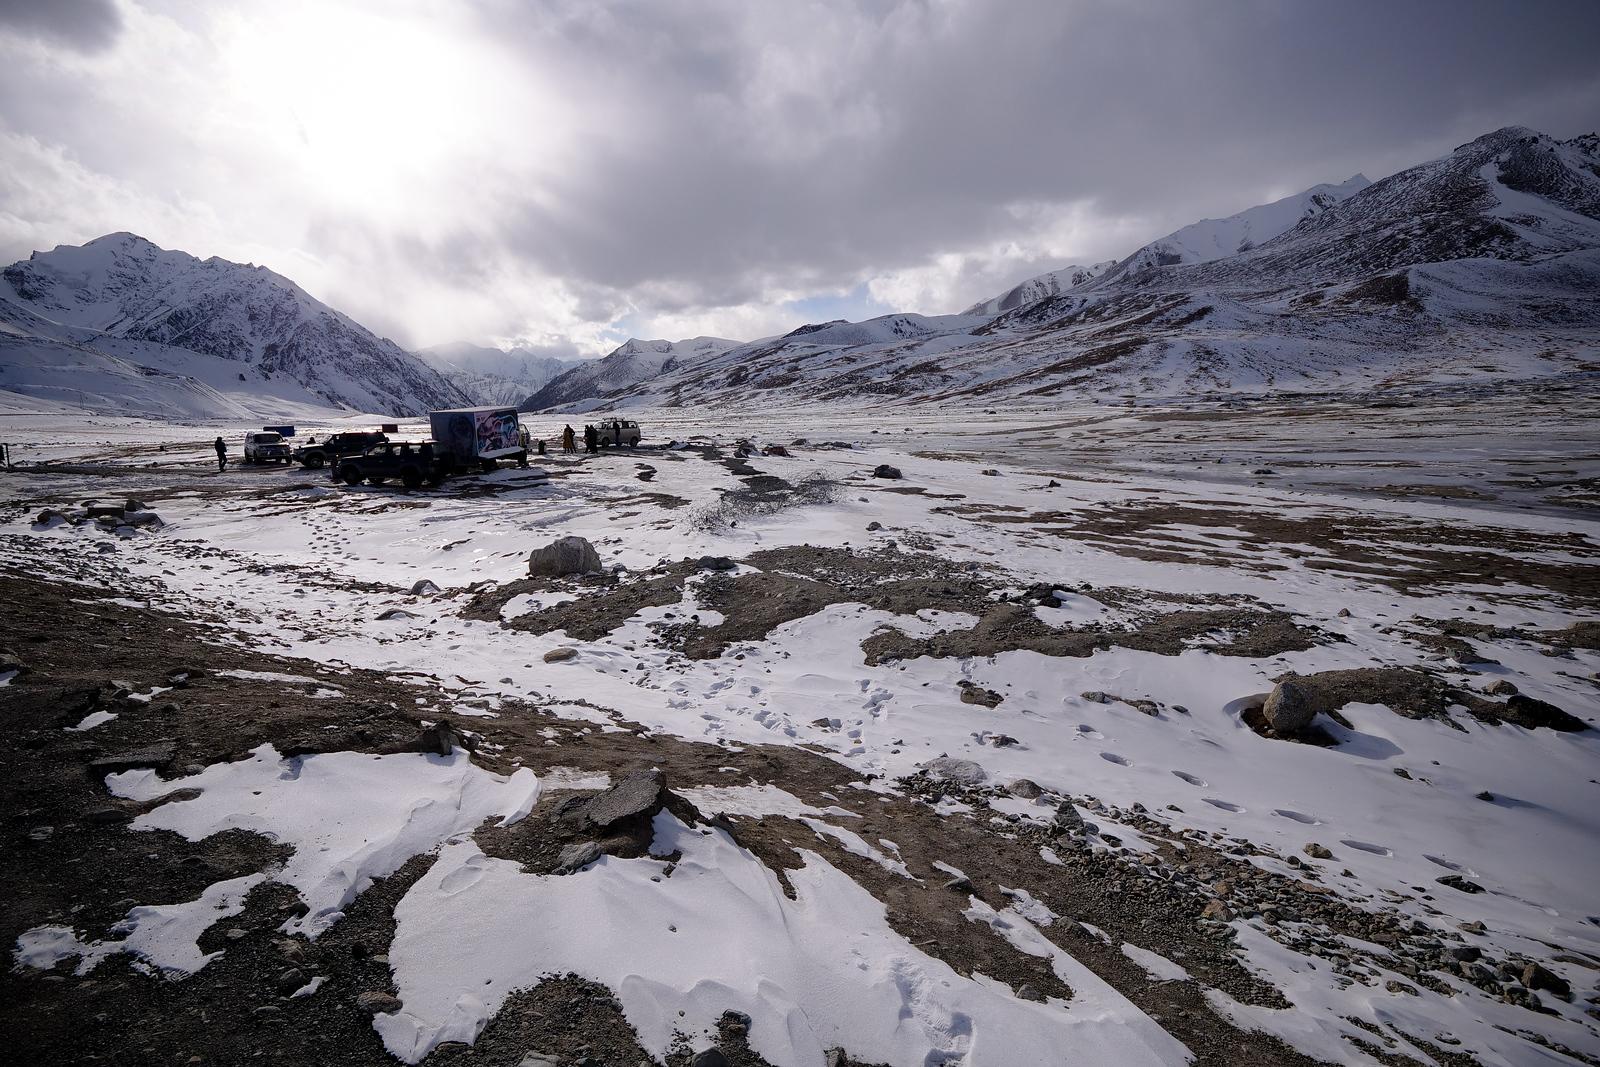 昆杰拉布山口的山脉和积雪